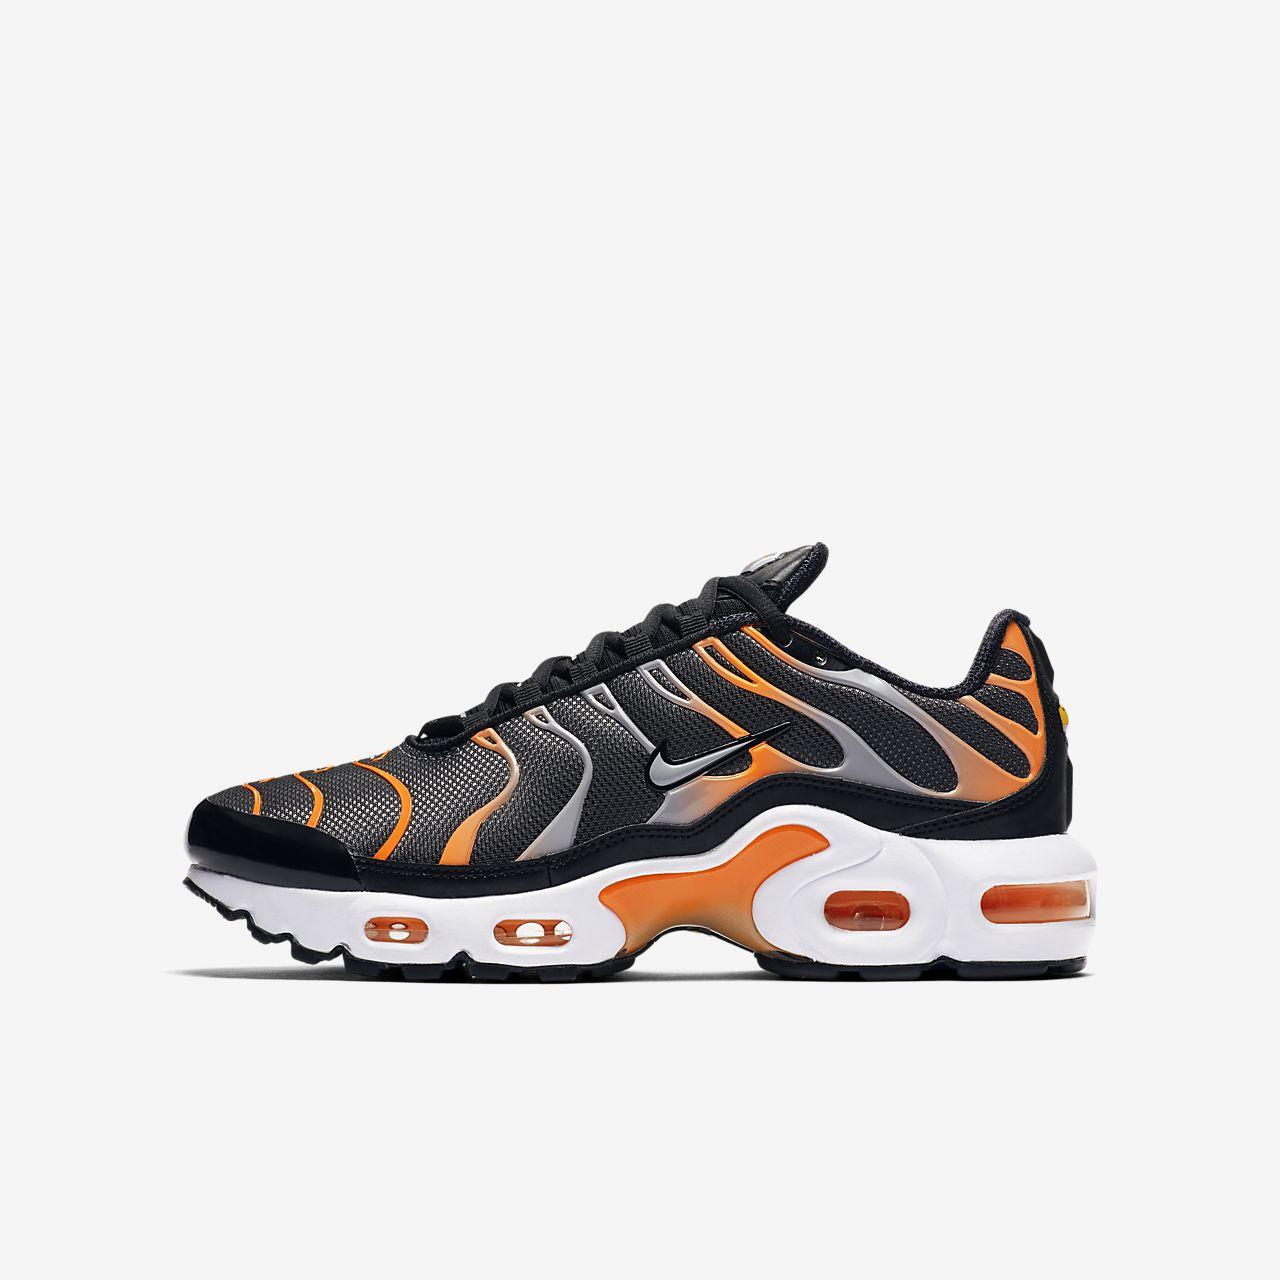 nike air max plus orange grey